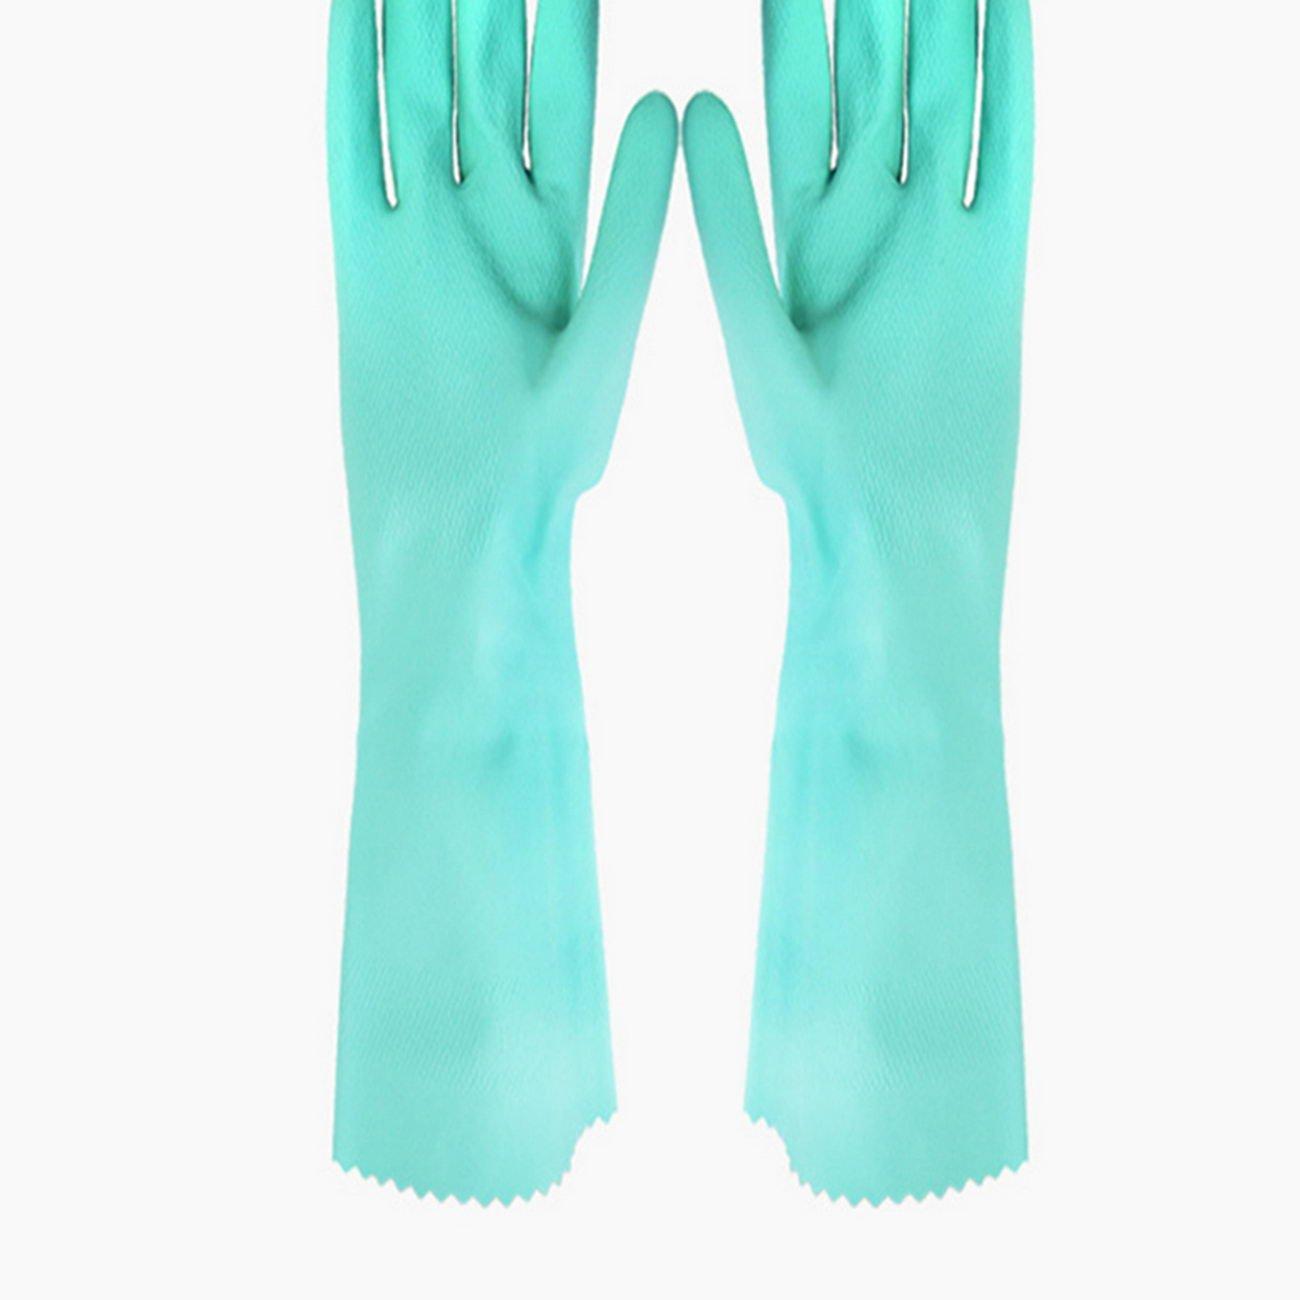 velvet spray household dishwashing gloves household dishwashing gloves medium and small number of , household dishwashing gloves, washing gloves, household gloves, dishwashing gloves cashmere, dishw